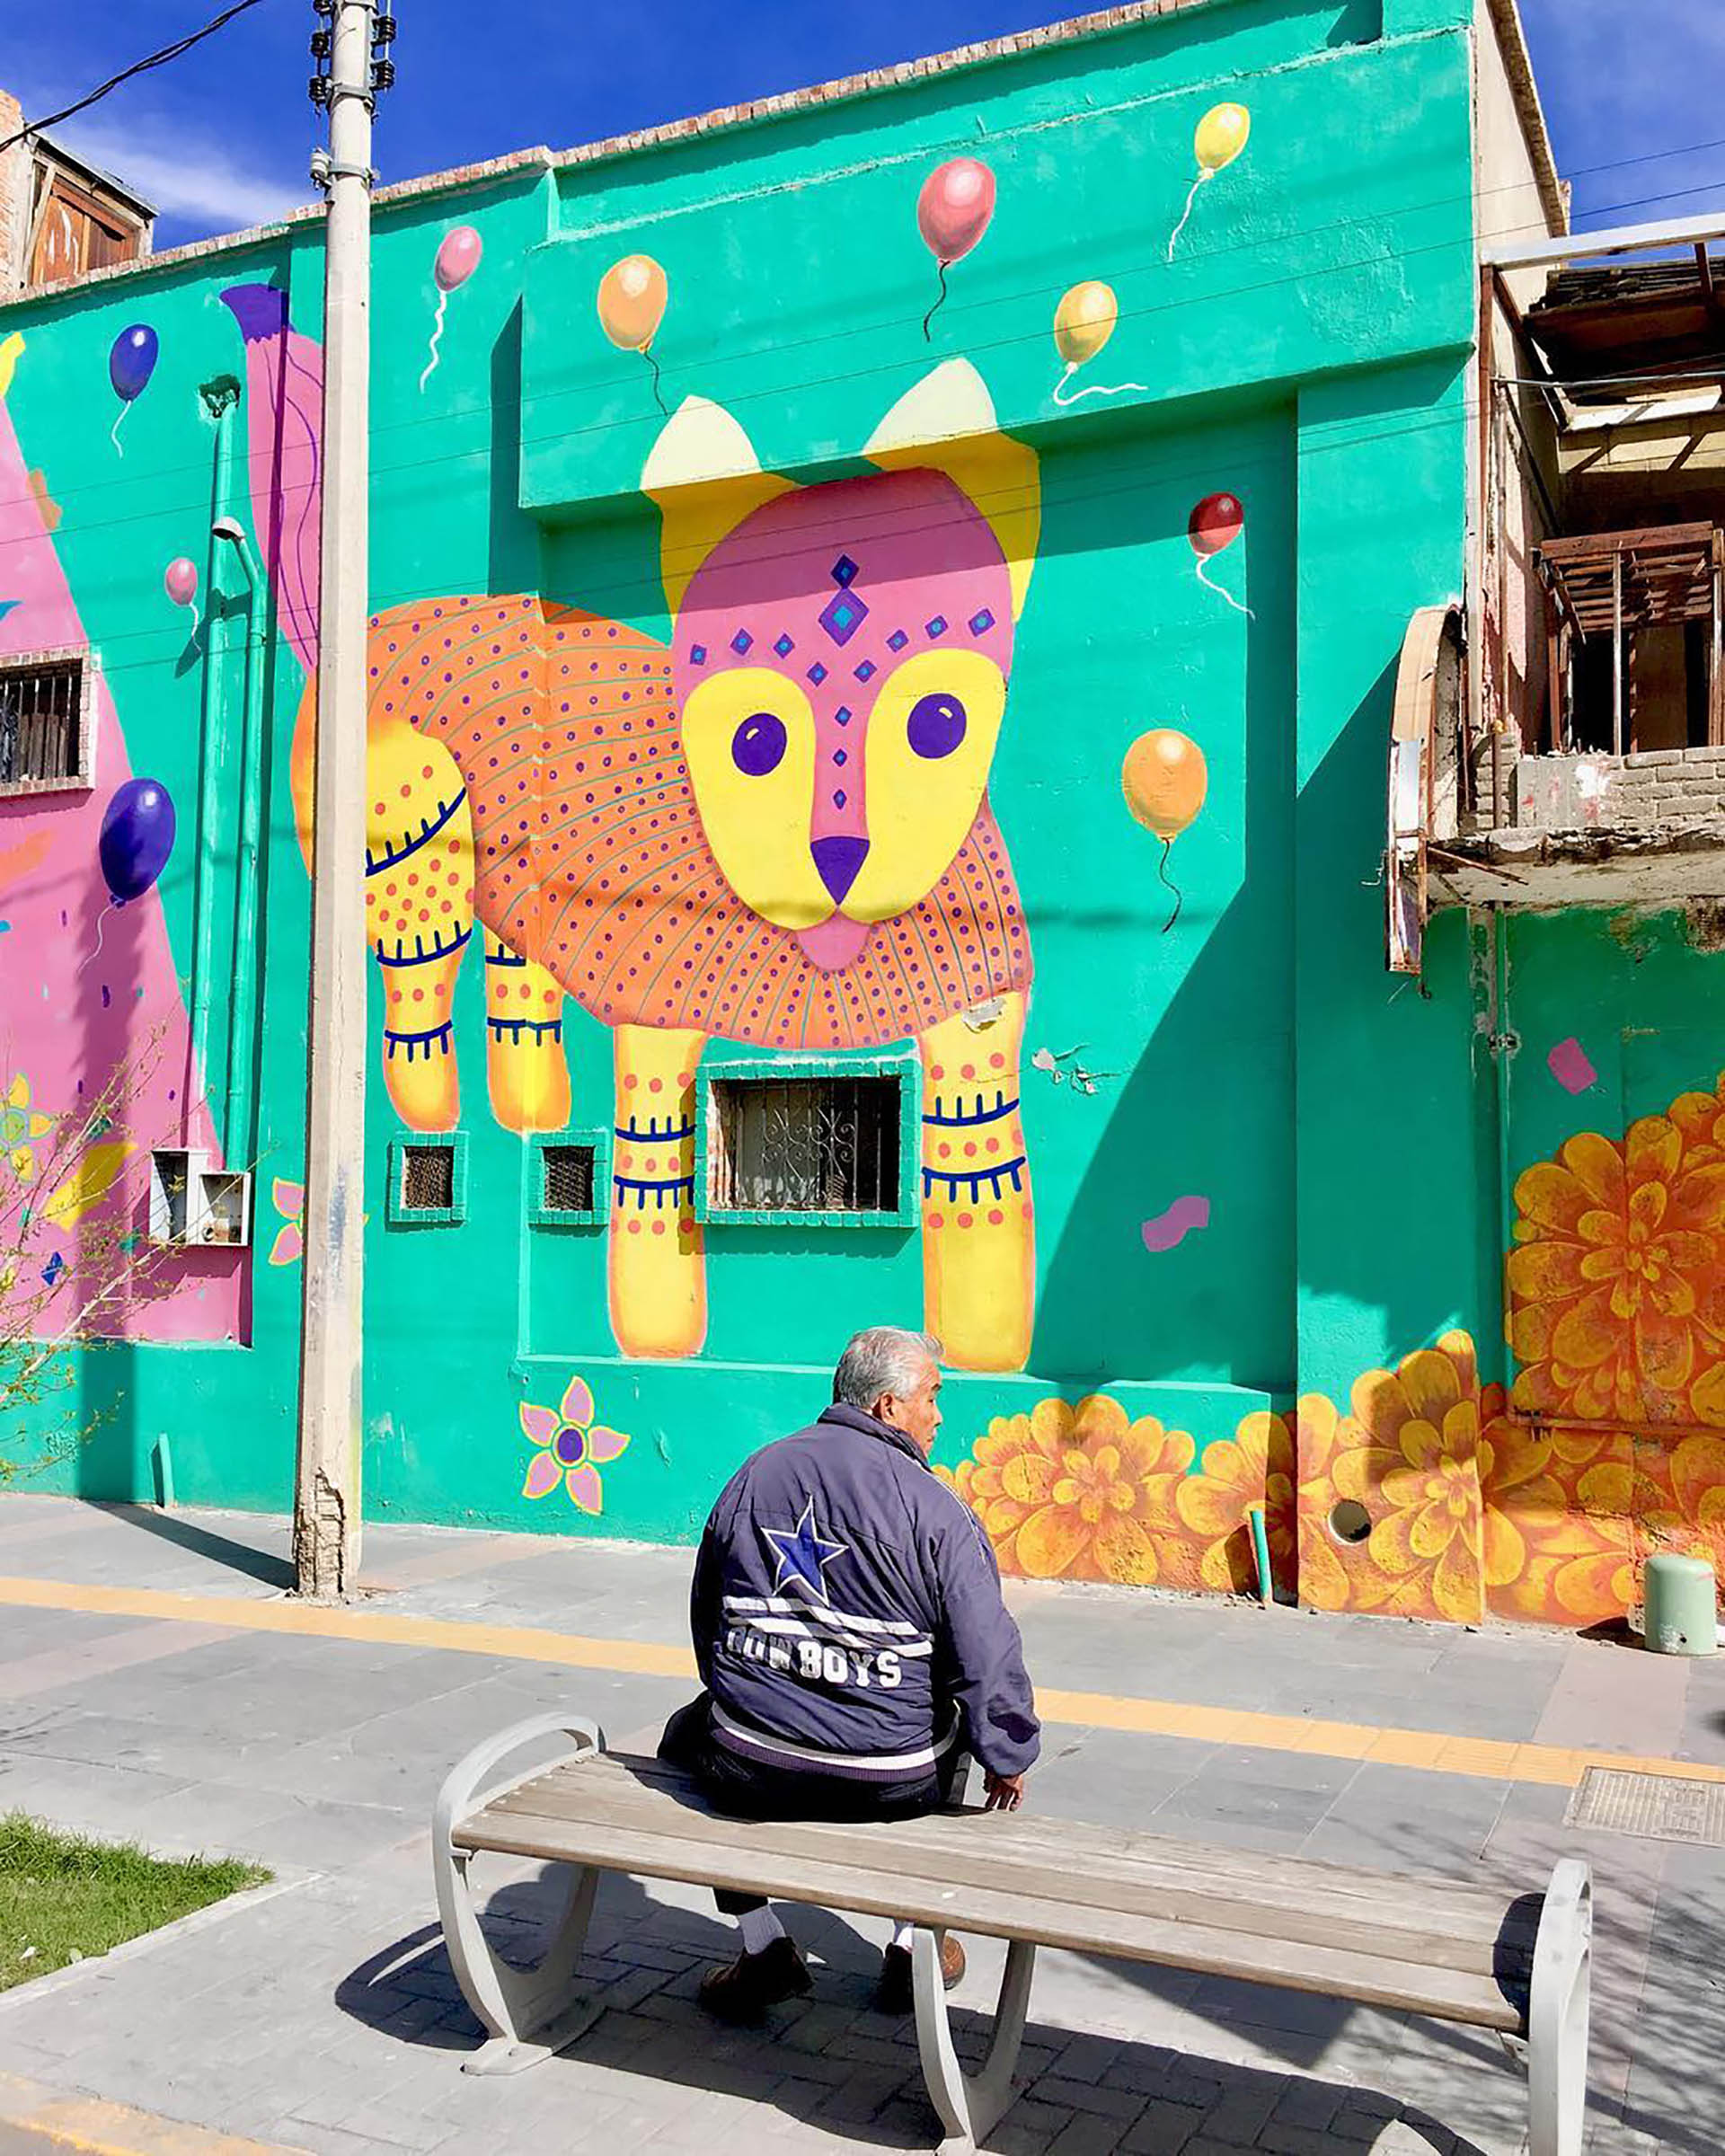 En el barrio dinámico transitan tanto punks y hippies como jóvenes profesionales. Allí se encuentra también la Zona Rosa, un lugar gay-friendly, con bulliciosas calles, bares con terraza y animadas discotecas